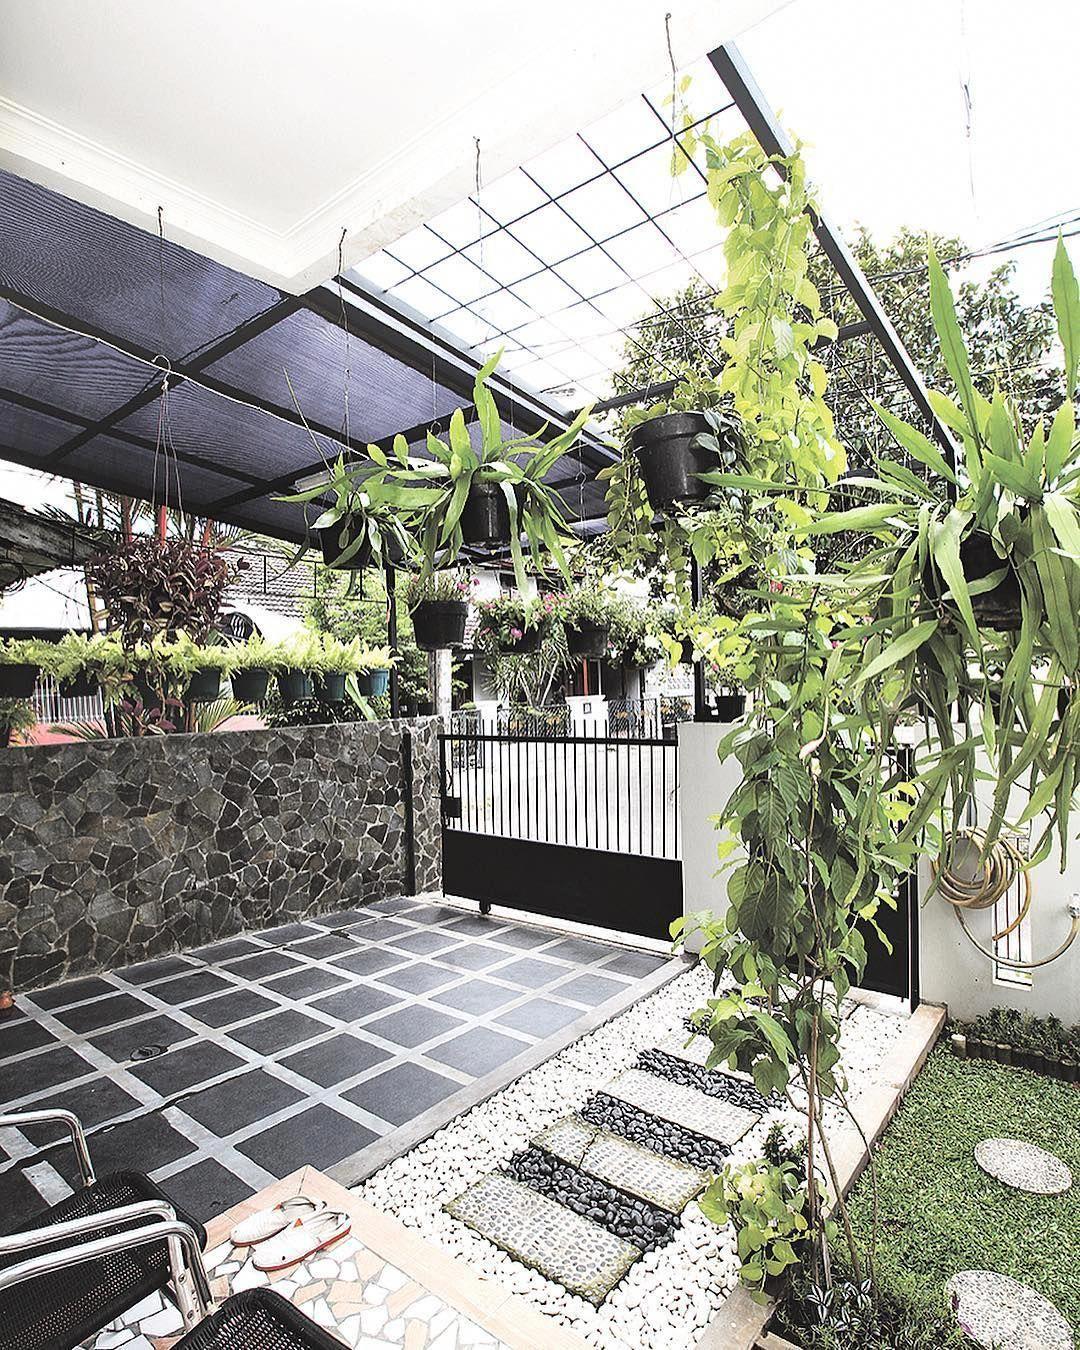 Hiasi carport dengan tanaman gantung agar tampilannya tak